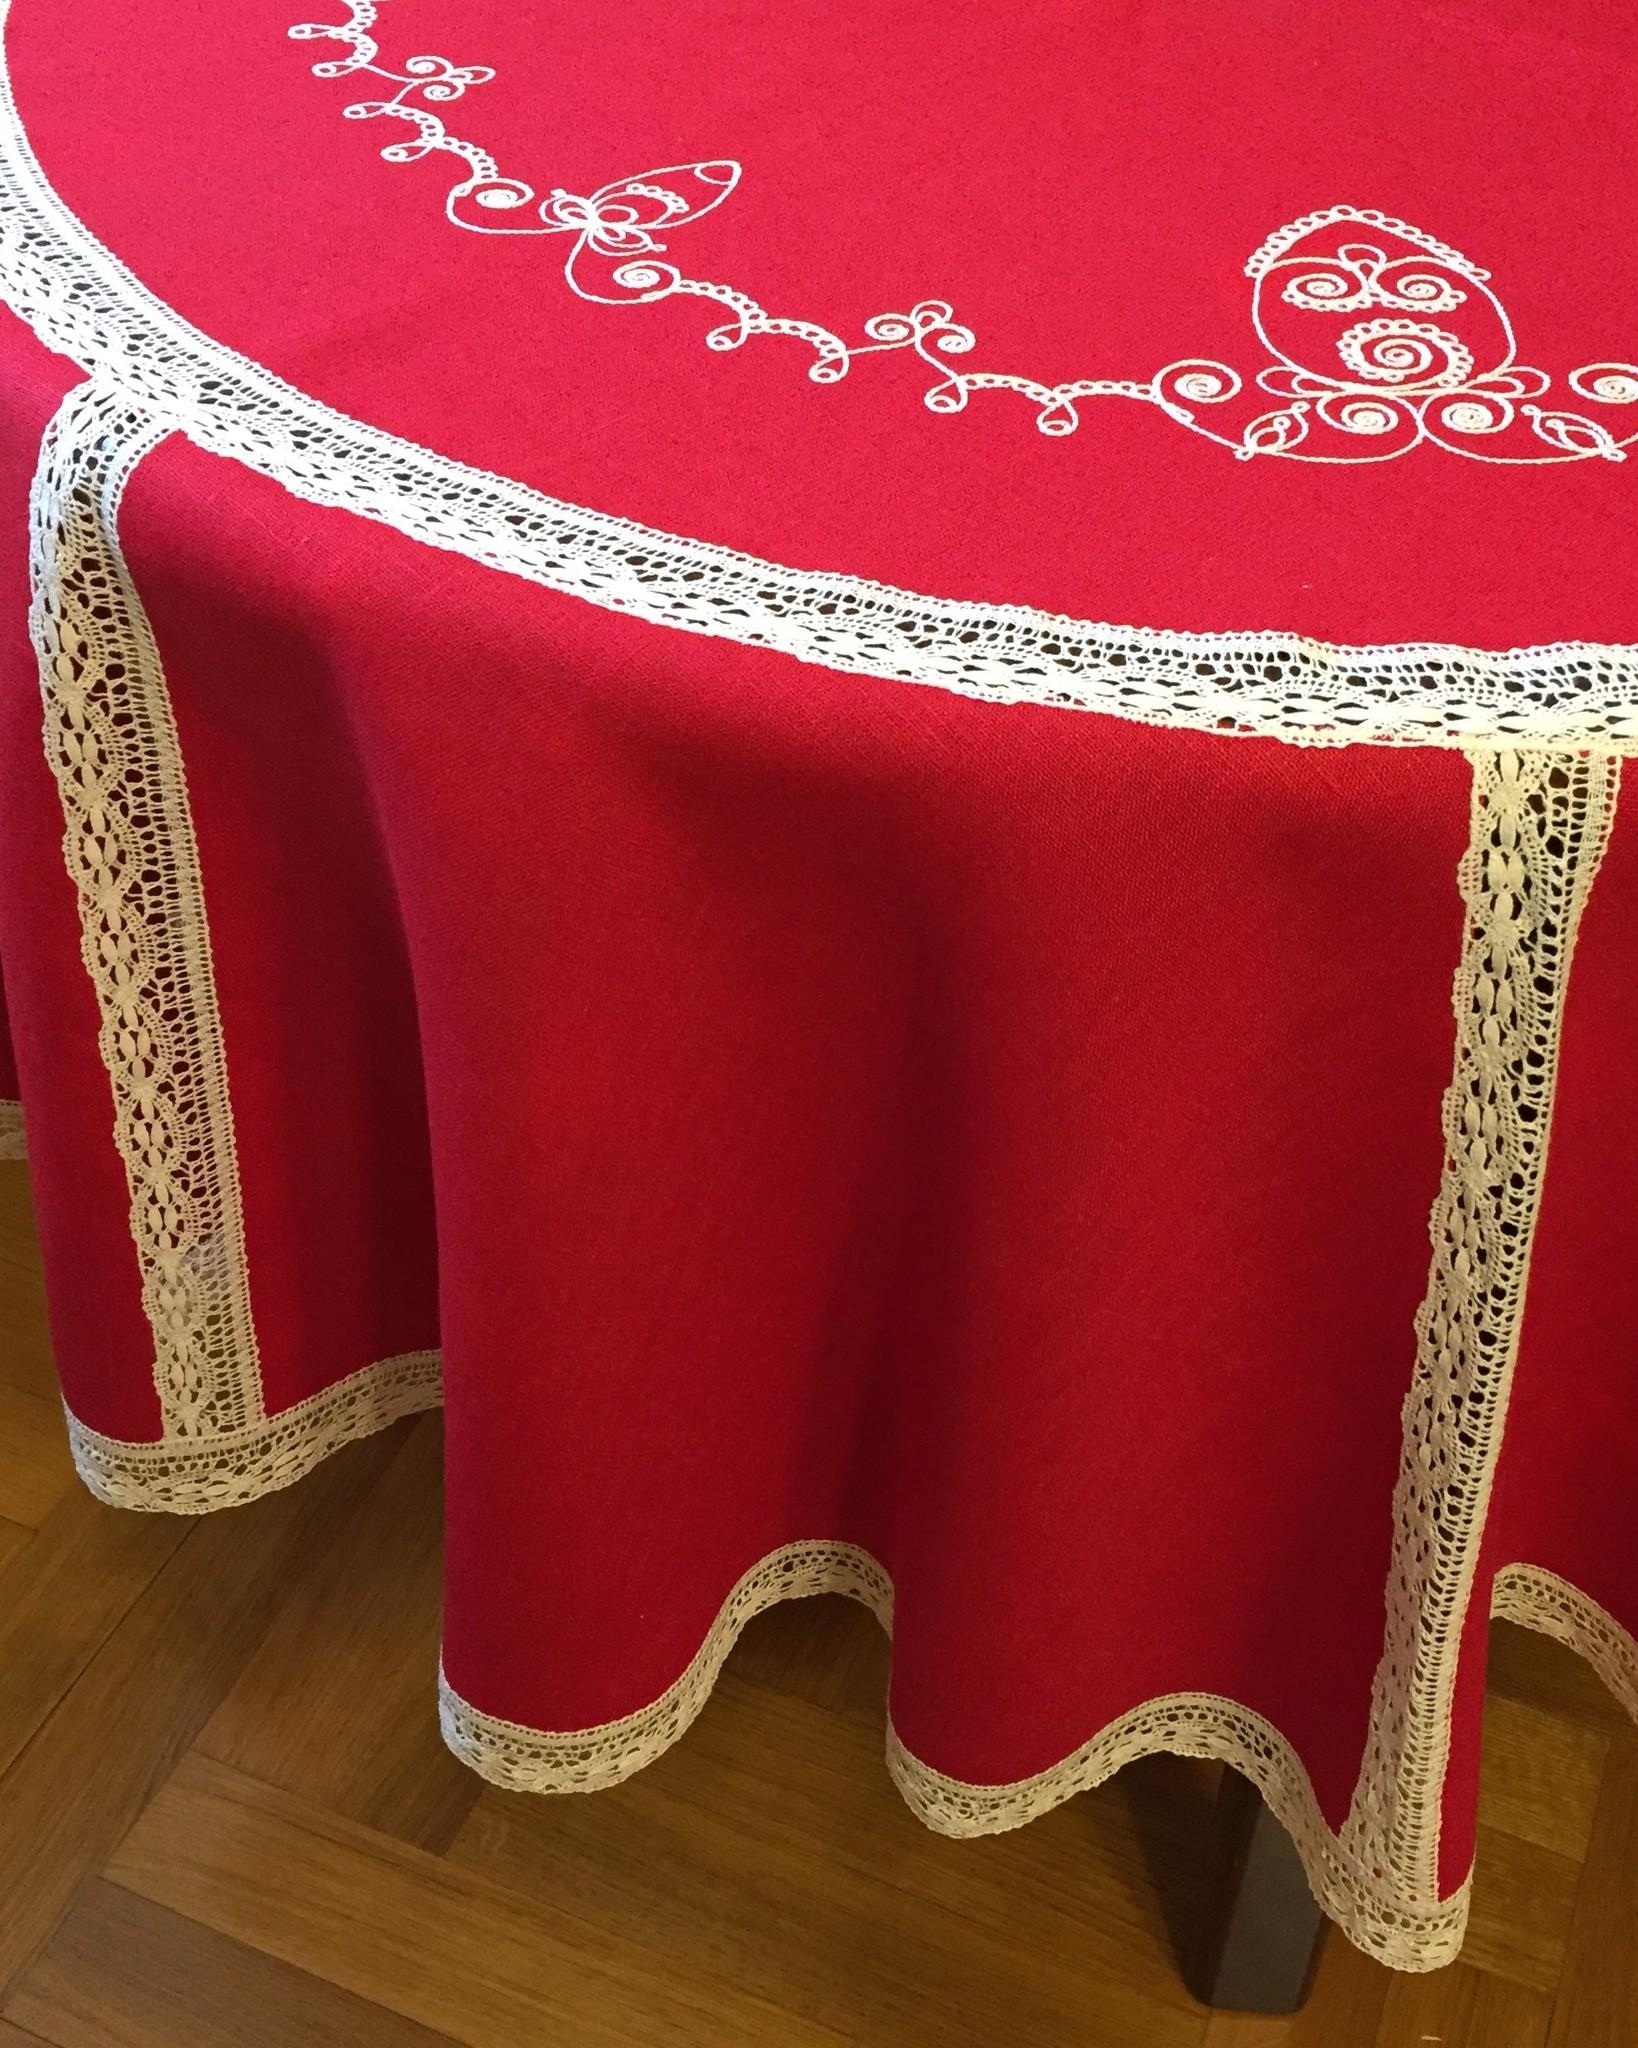 Скатерть круглая пасхальная с кружевными прошвами и вышивкой